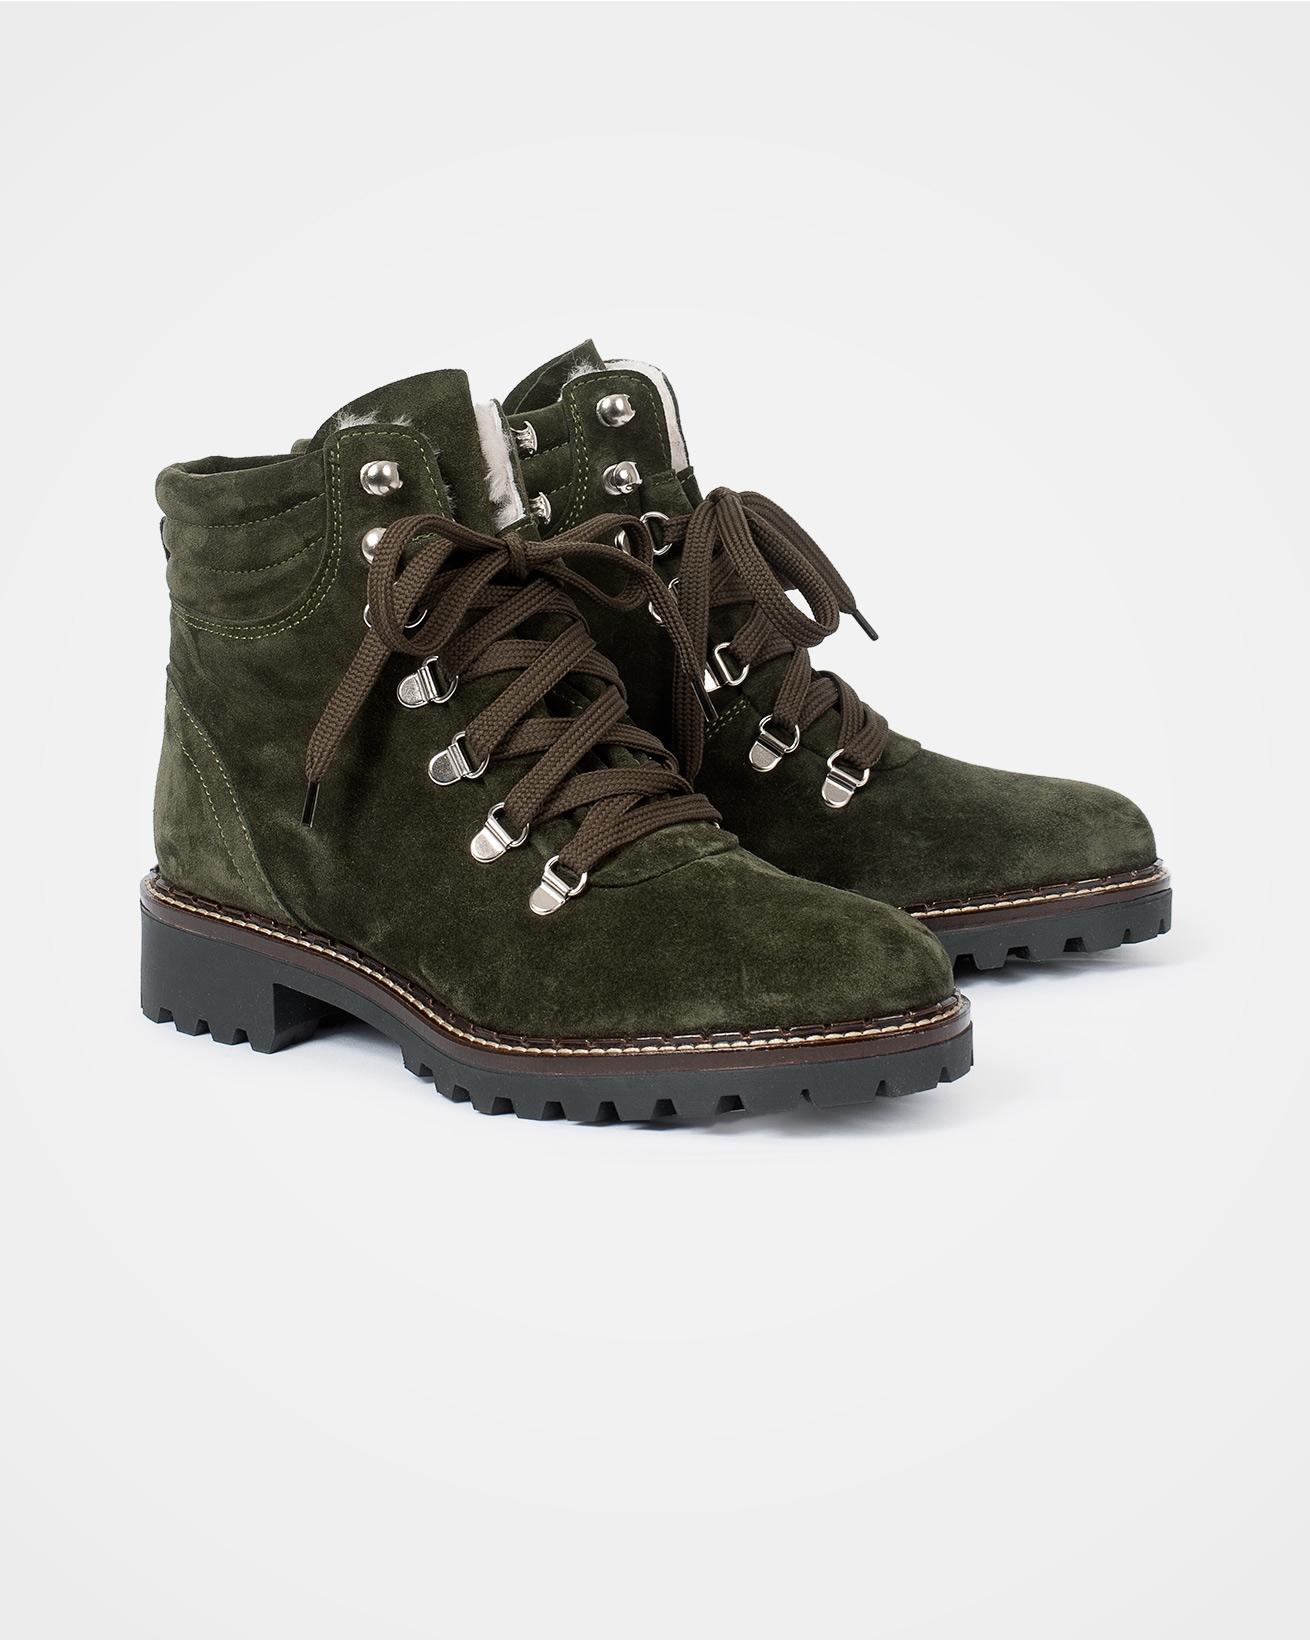 7621_hiker-boot_olive-suede_pair.jpg